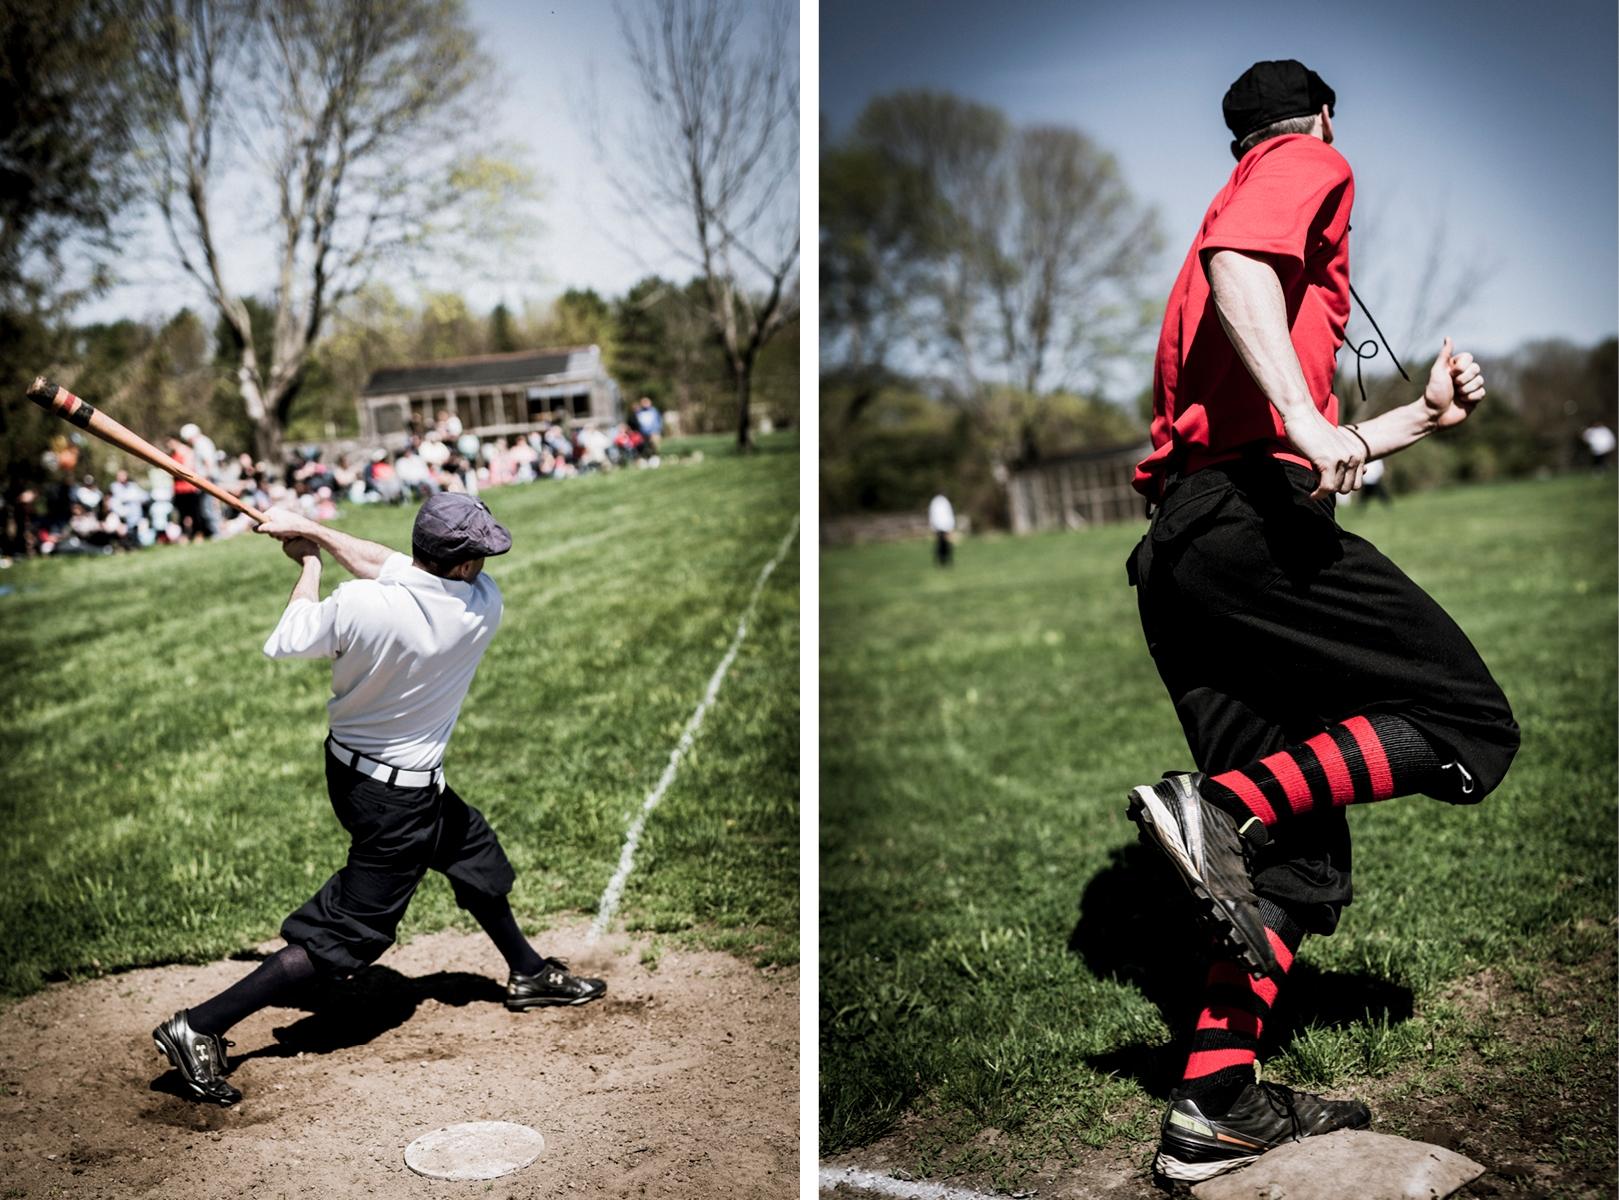 (Photographs by Sean Alonzo Harris)